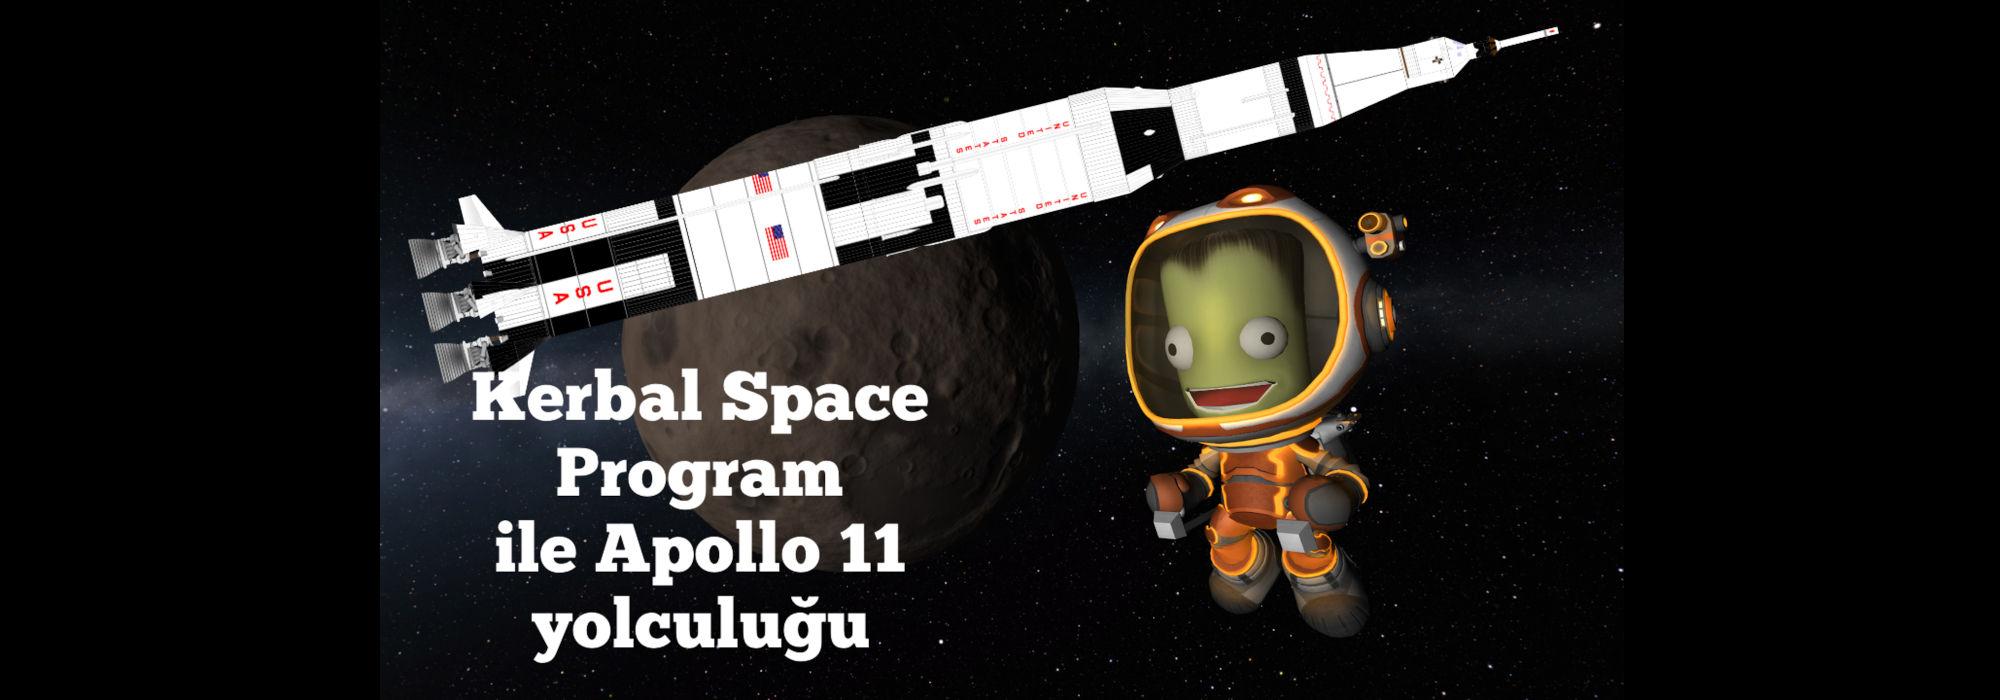 Tek Çare Uzay | Kerbal Space Program | Apollo Programları